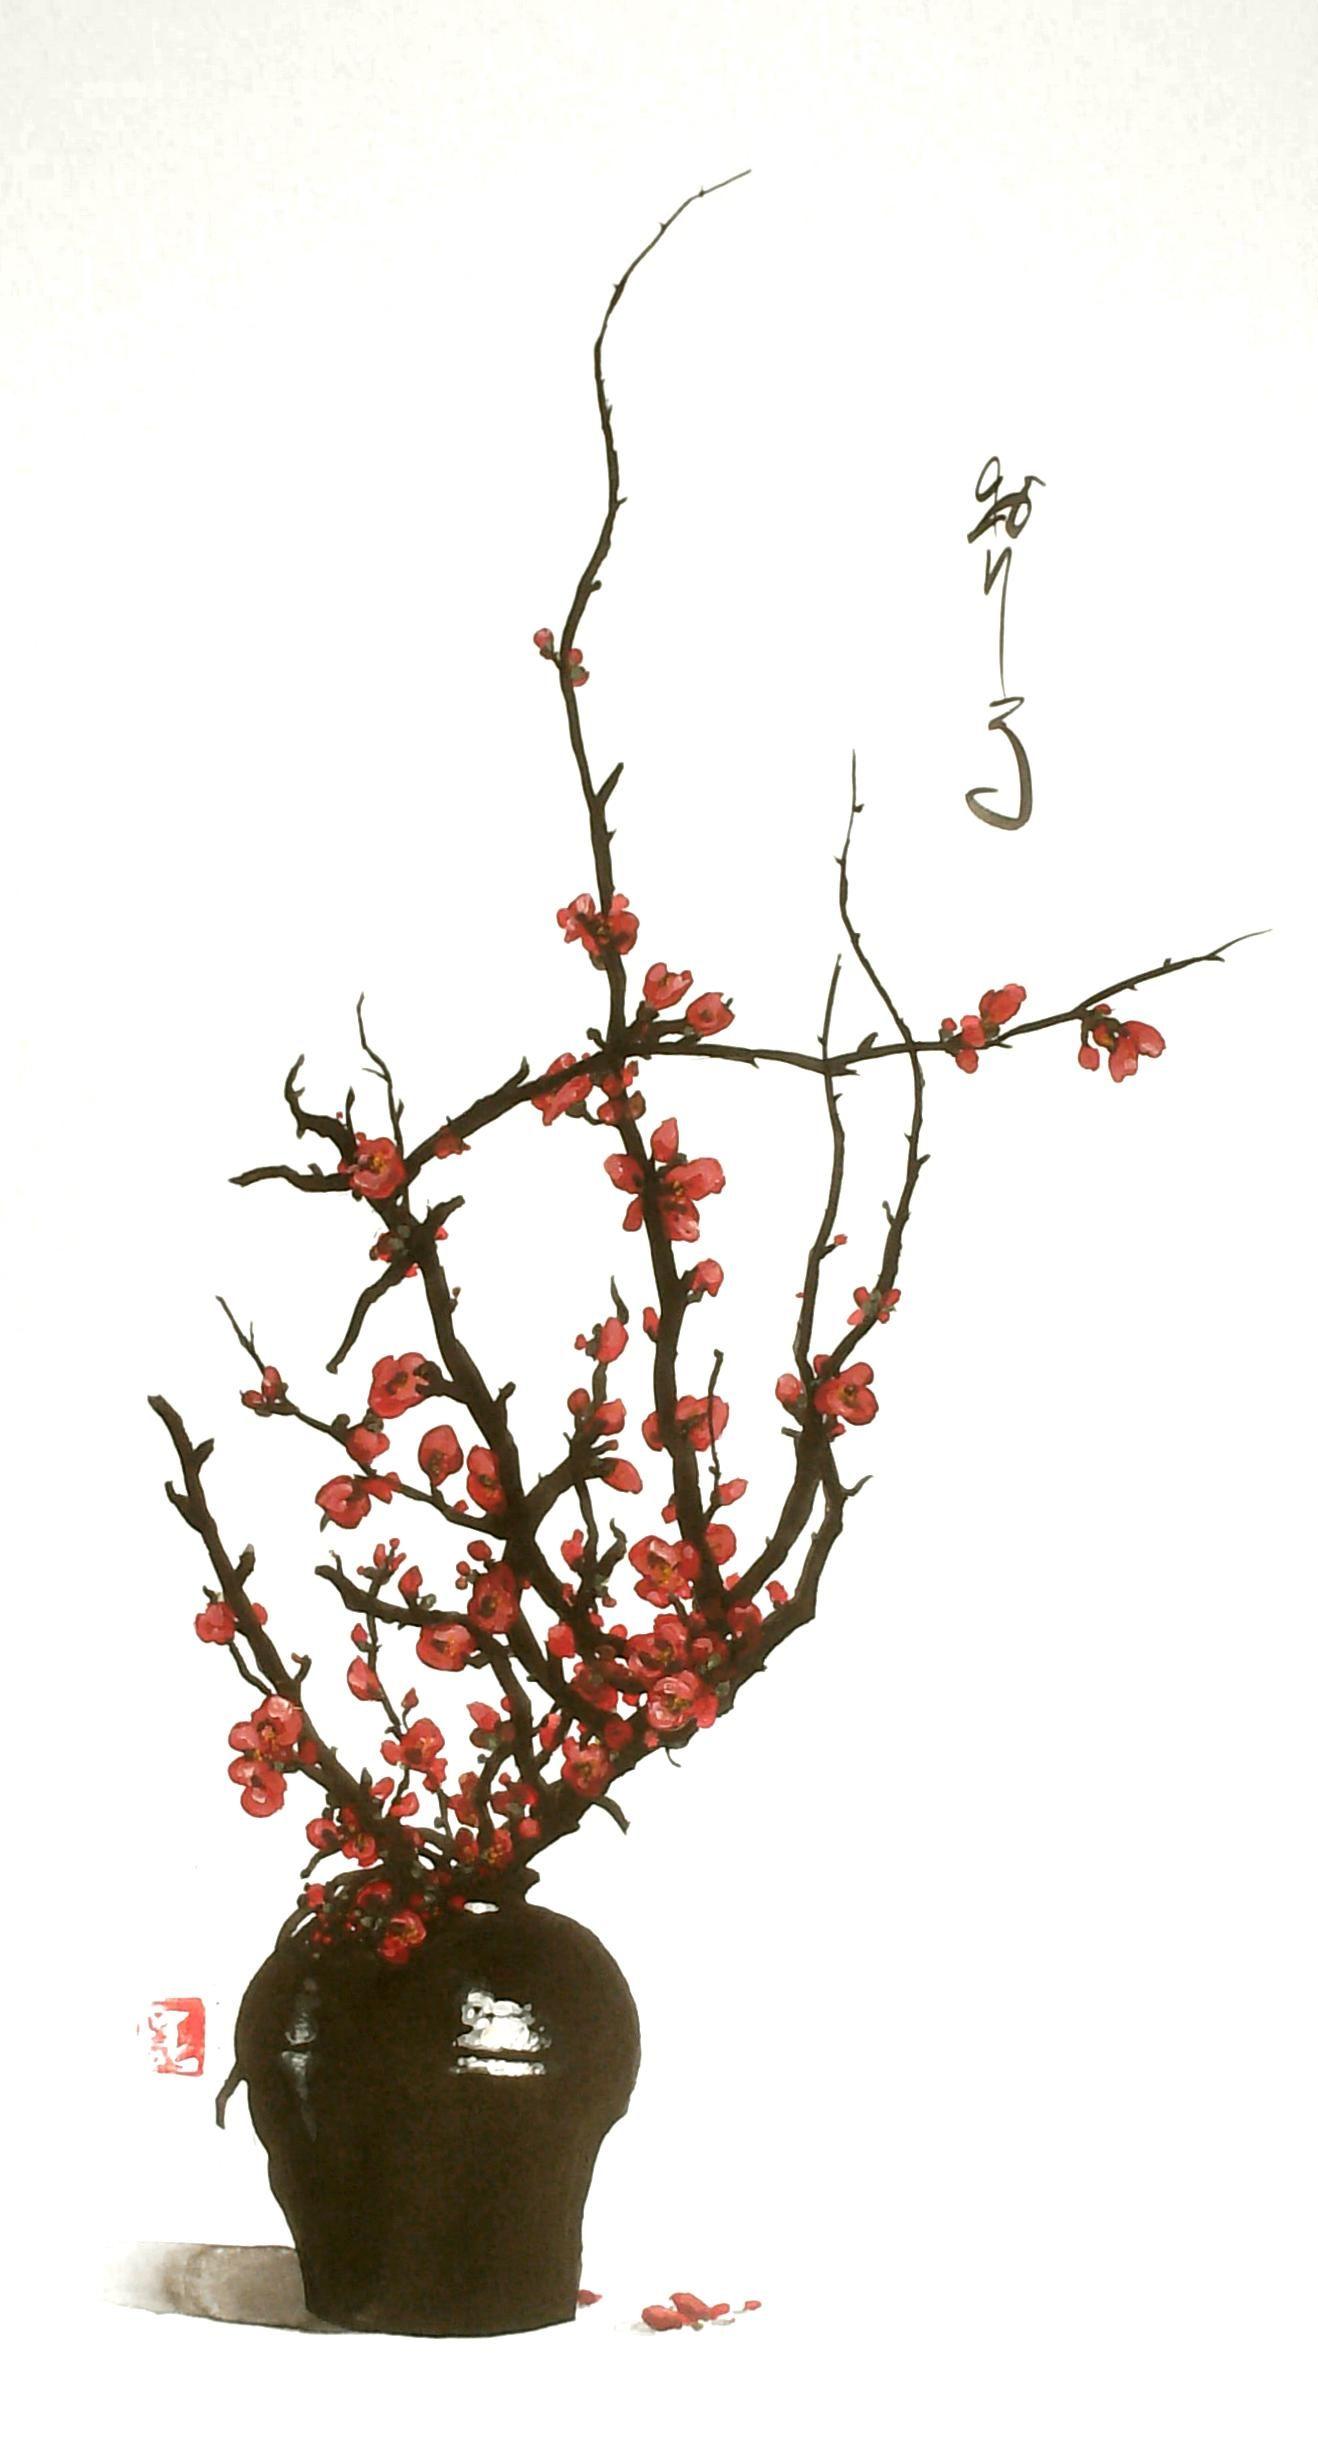 Pingl par hoshi iku sur peinture chinoise peinture - Dessin fleur de cerisier ...